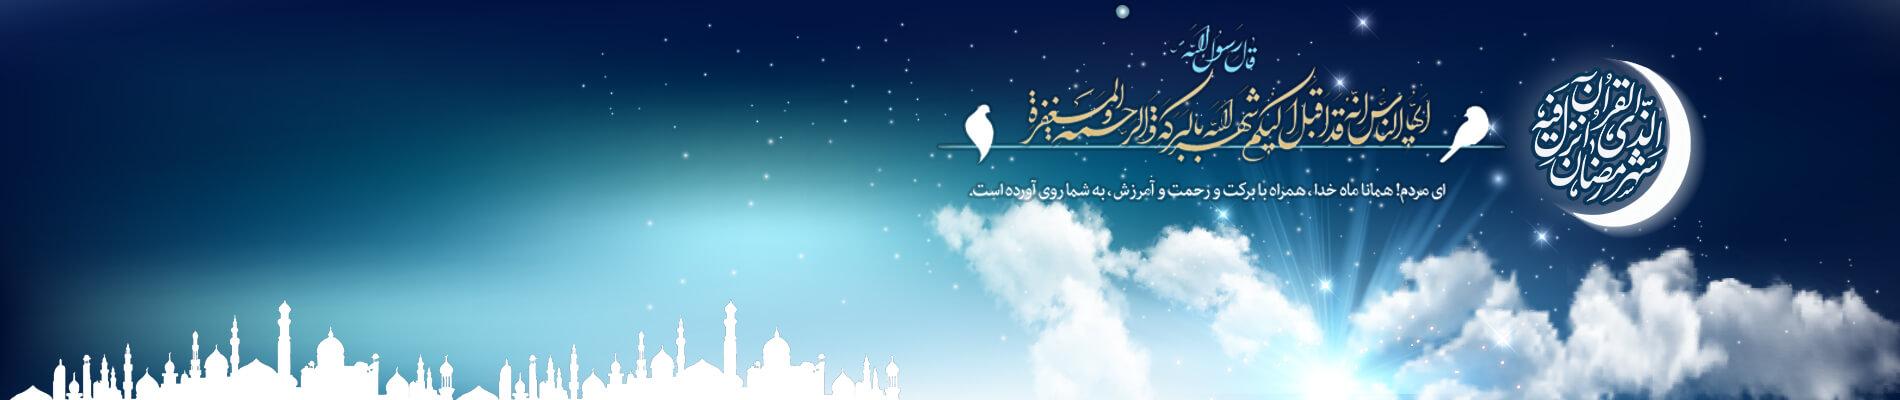 السلام علیک یا شهر الله الاکبر و یا عید اولیائه